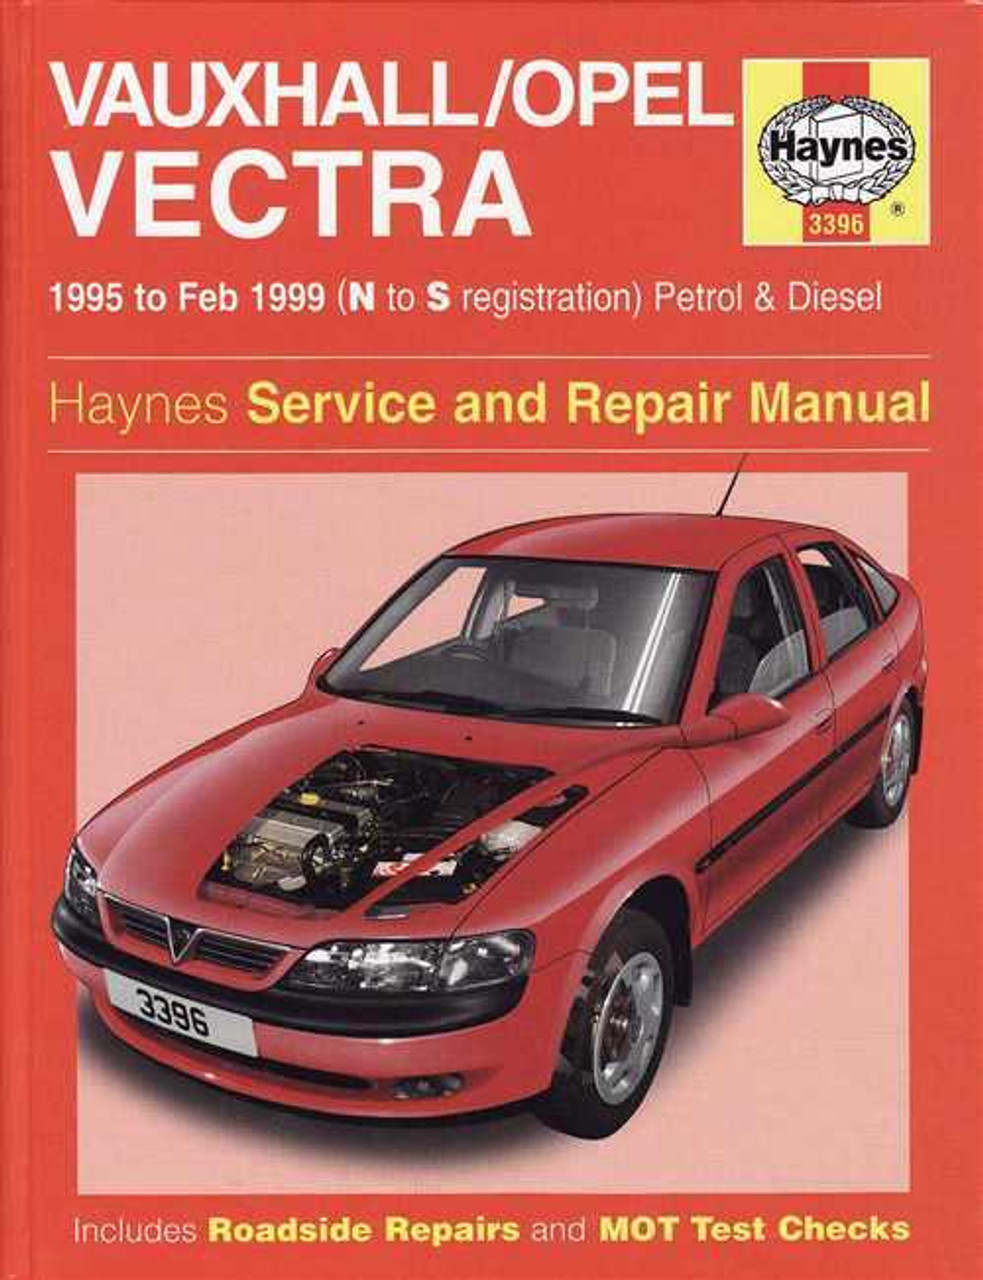 holden vectra 1995 1999 workshop manual rh automotobookshop com au holden vectra 2003 manual holden vectra manual pdf